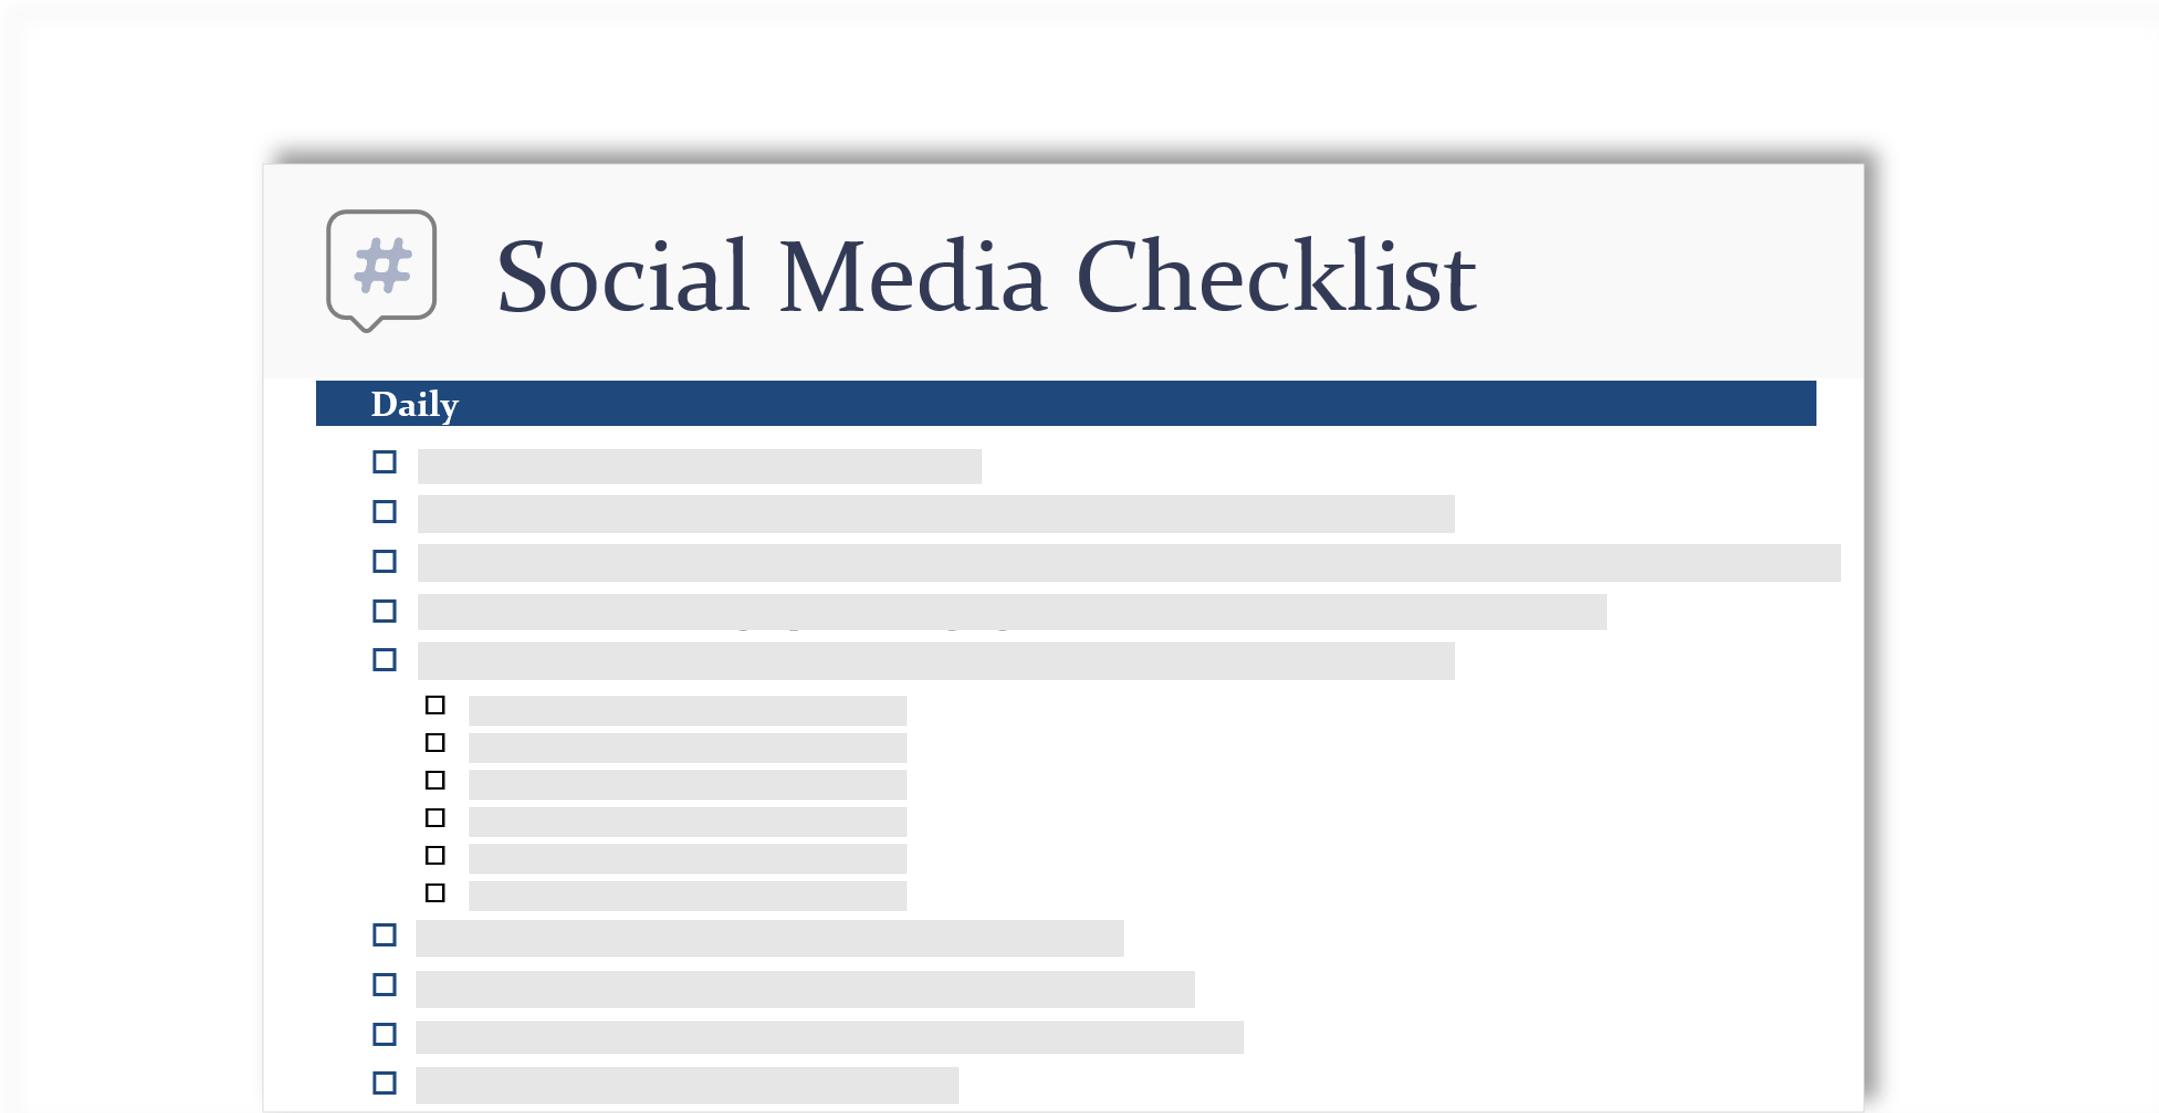 ソーシャルメディアのチェックリストの概念図